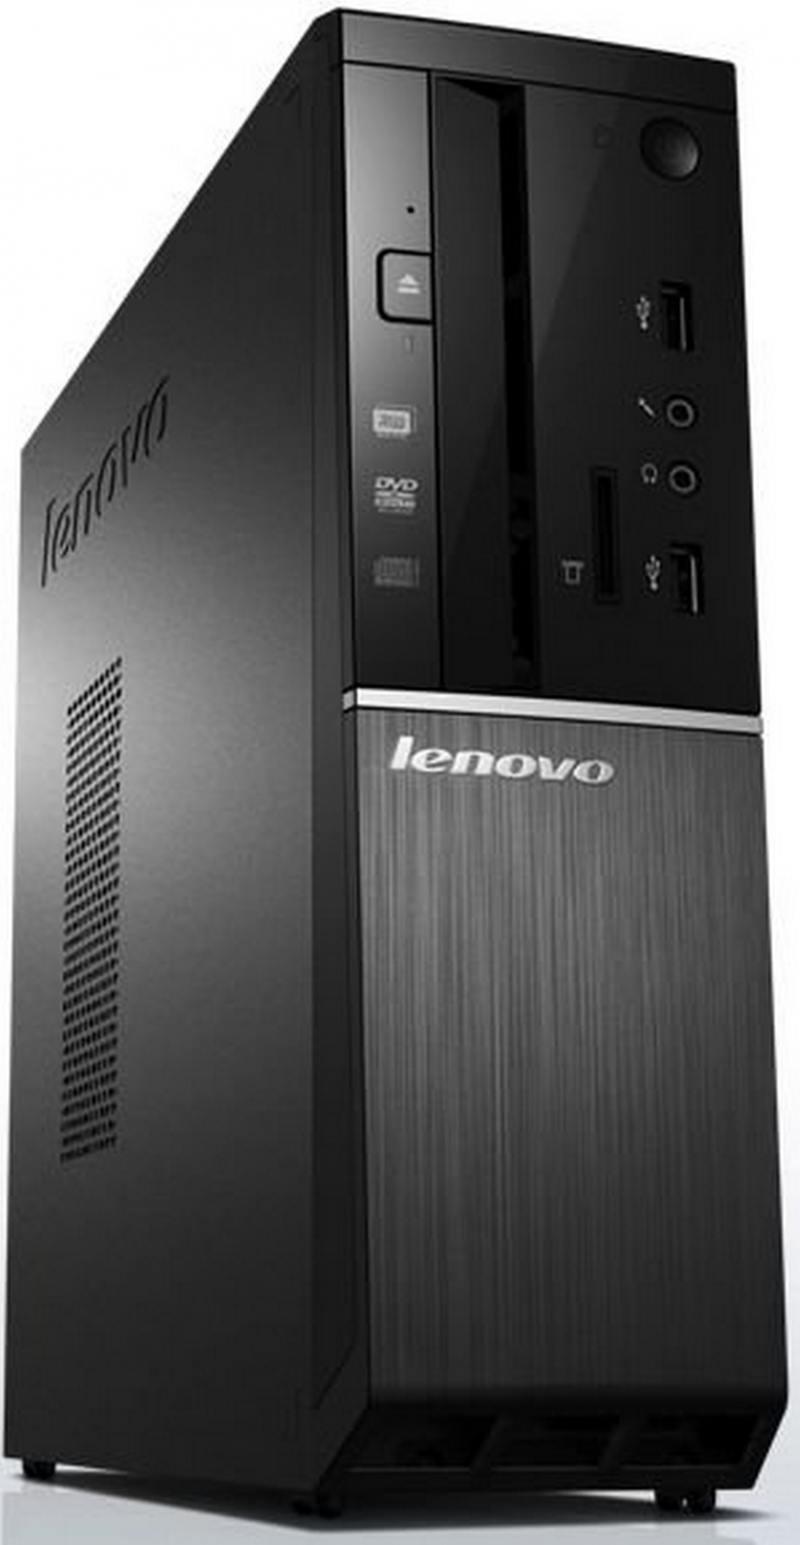 Системный блок Lenovo 510S-08ISH SFF i5-6400 2.7GHz 4Gb 500Gb DVD-RW DOS клавиатура мышь черный 90FN